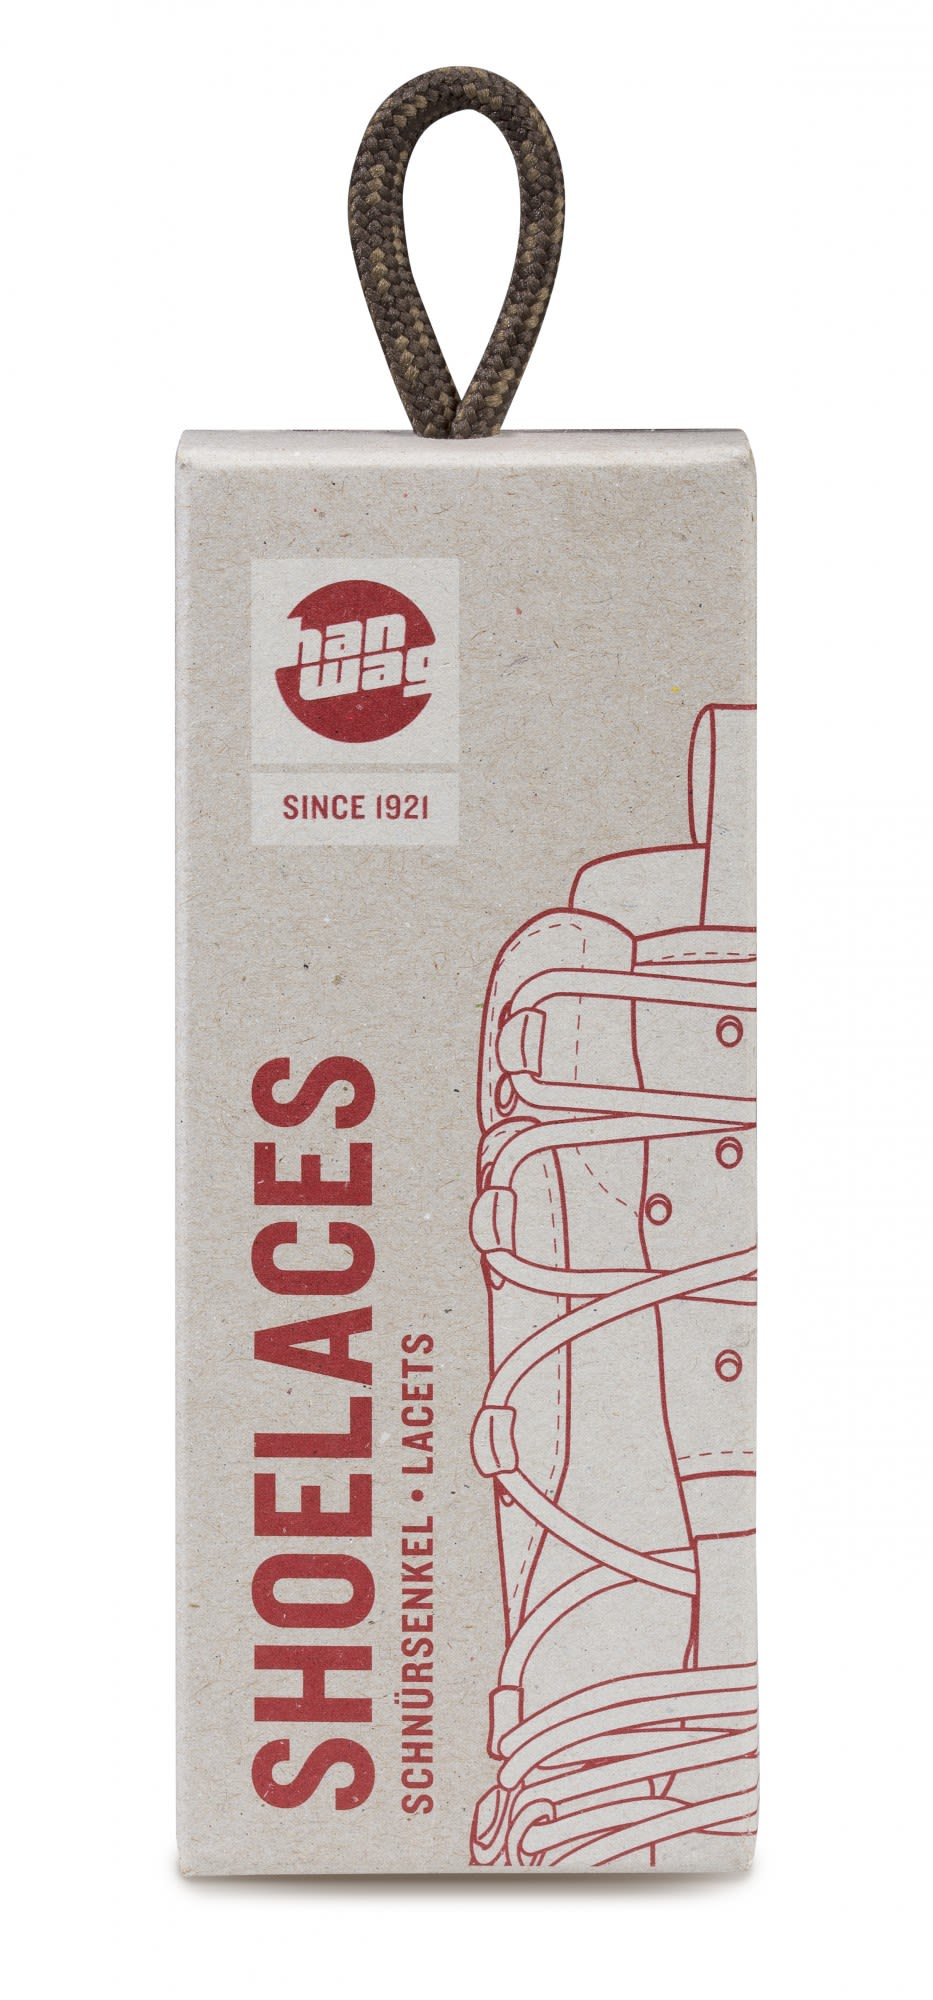 Hanwag Shoelaces 220cm Braun, 220 cm -Farbe Erde -Brown, 220 cm